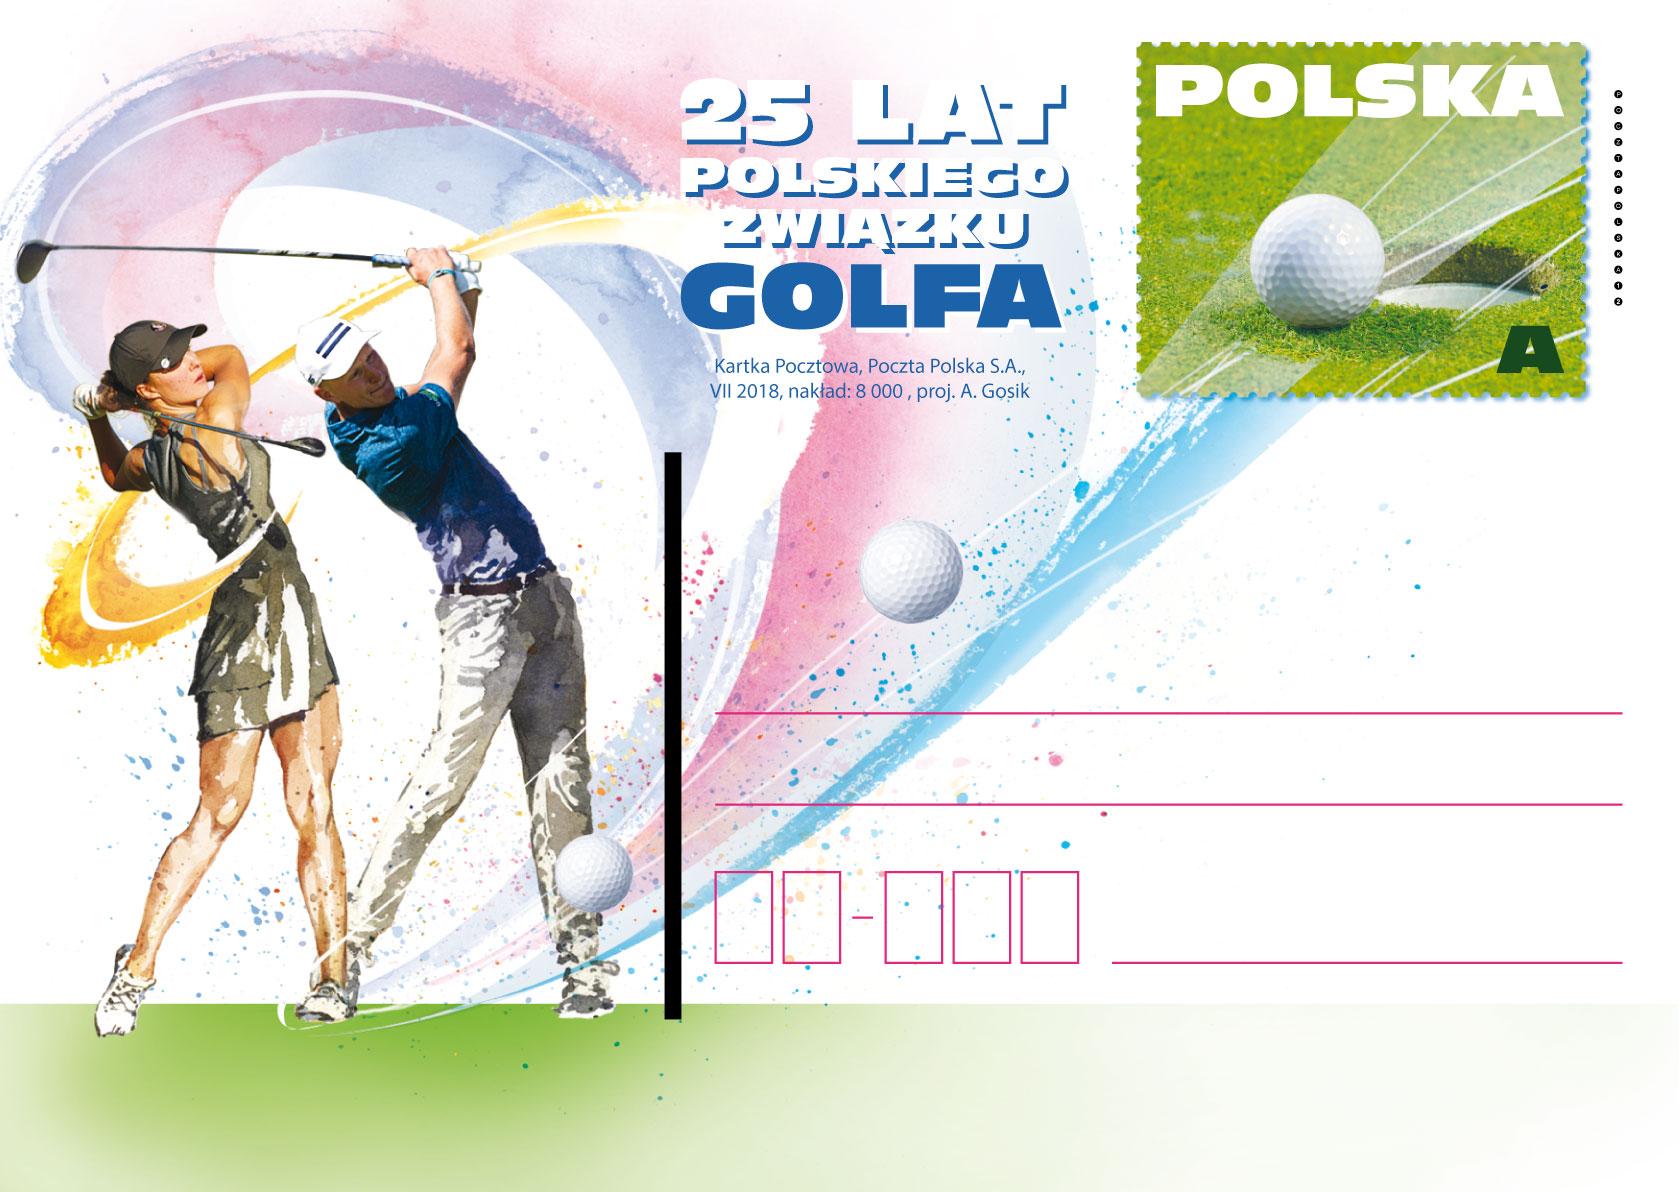 波兰7月31日发行波兰高尔夫联盟25周年邮资片